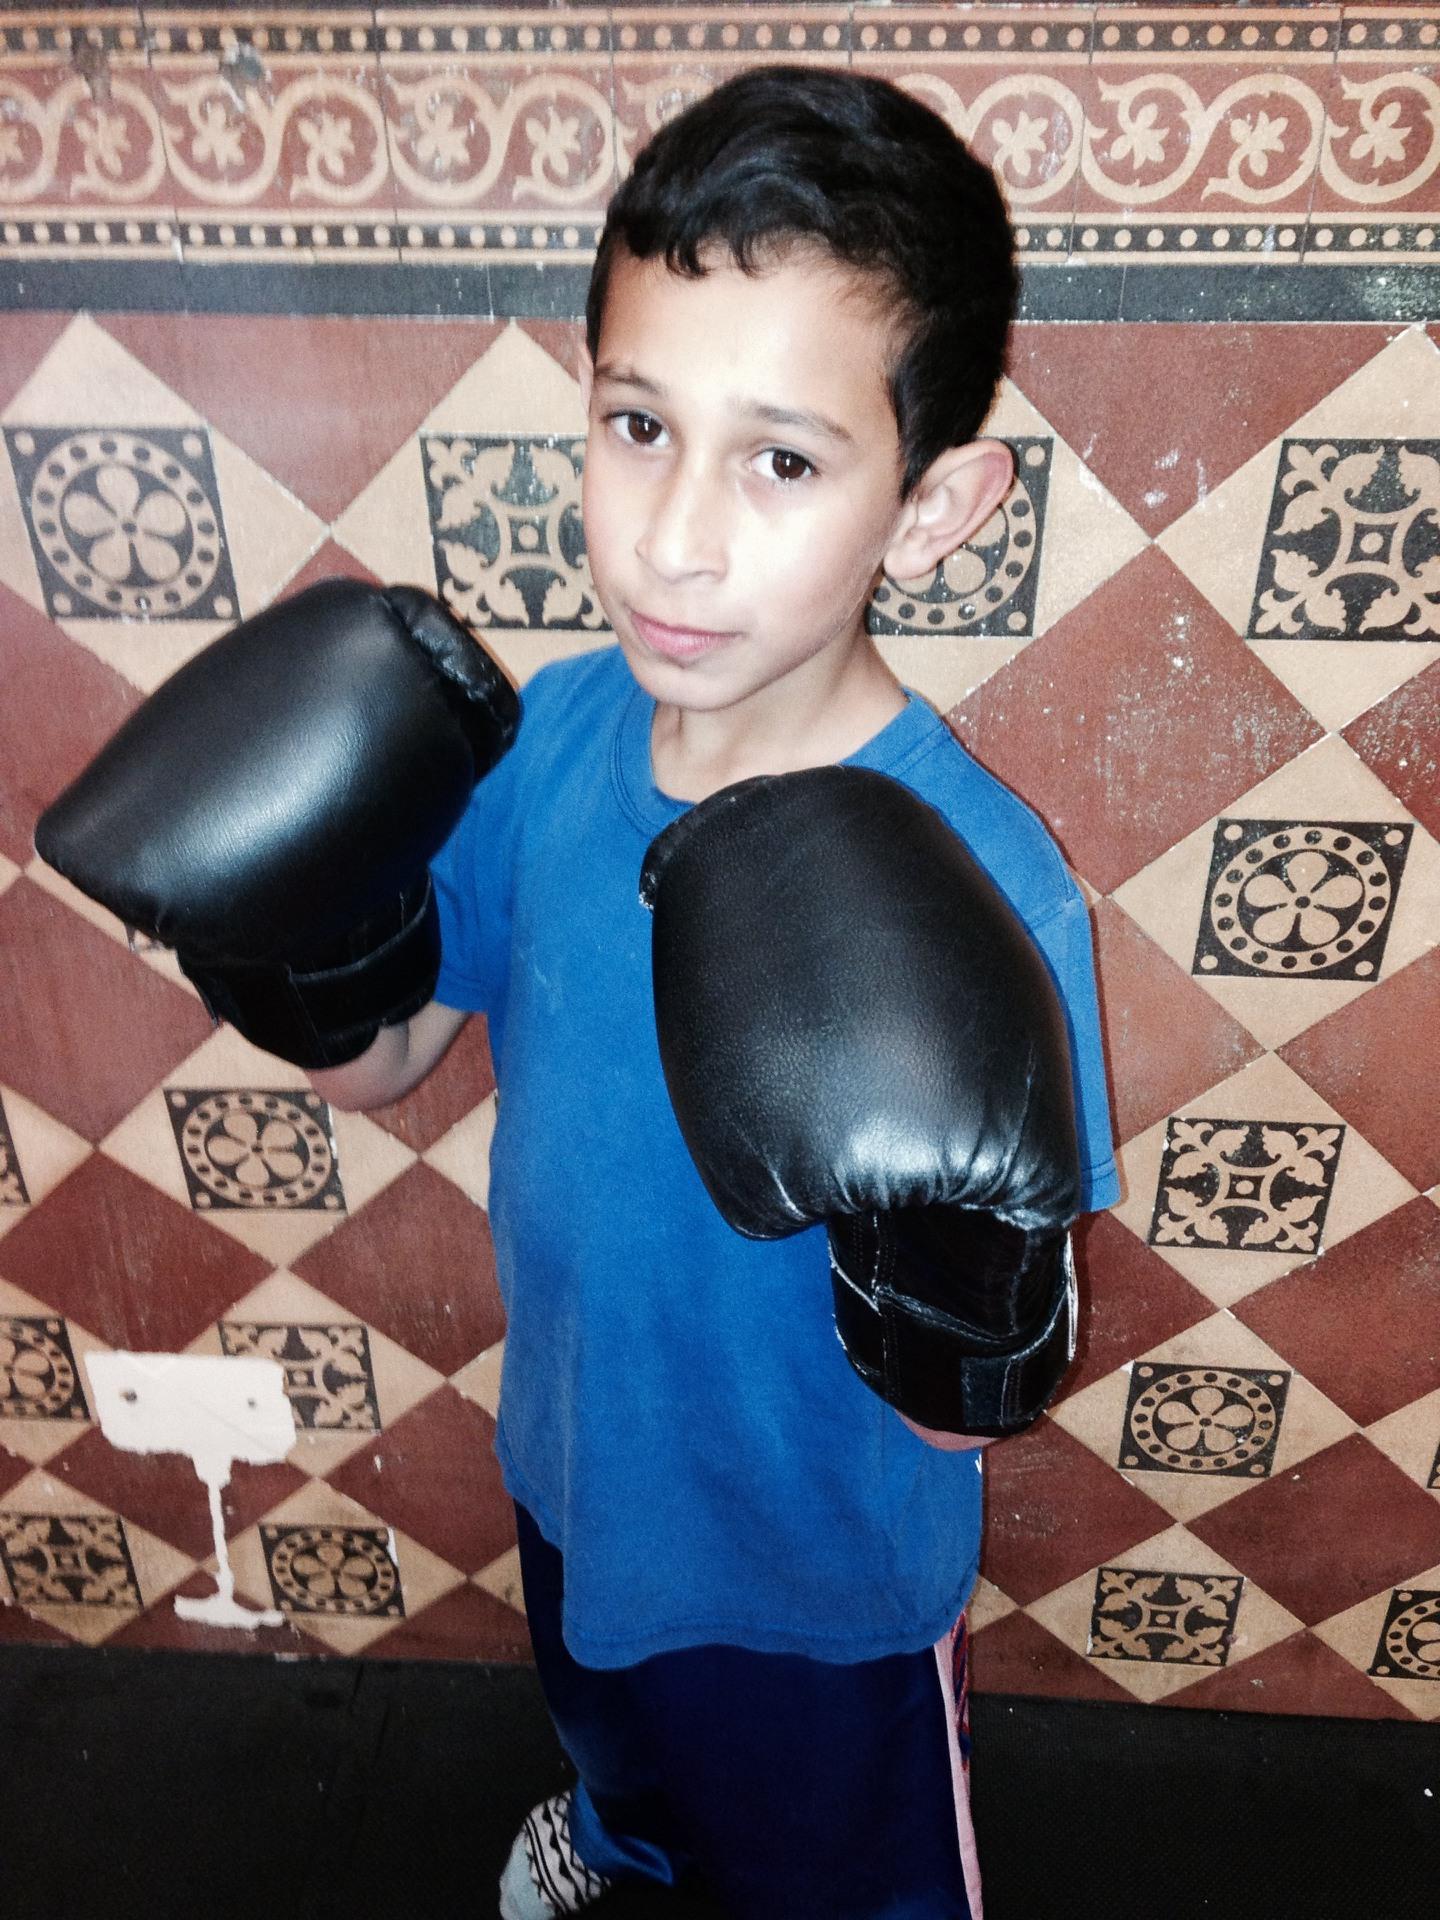 Aailiyan Kiani, Age 8yrs, 24kg